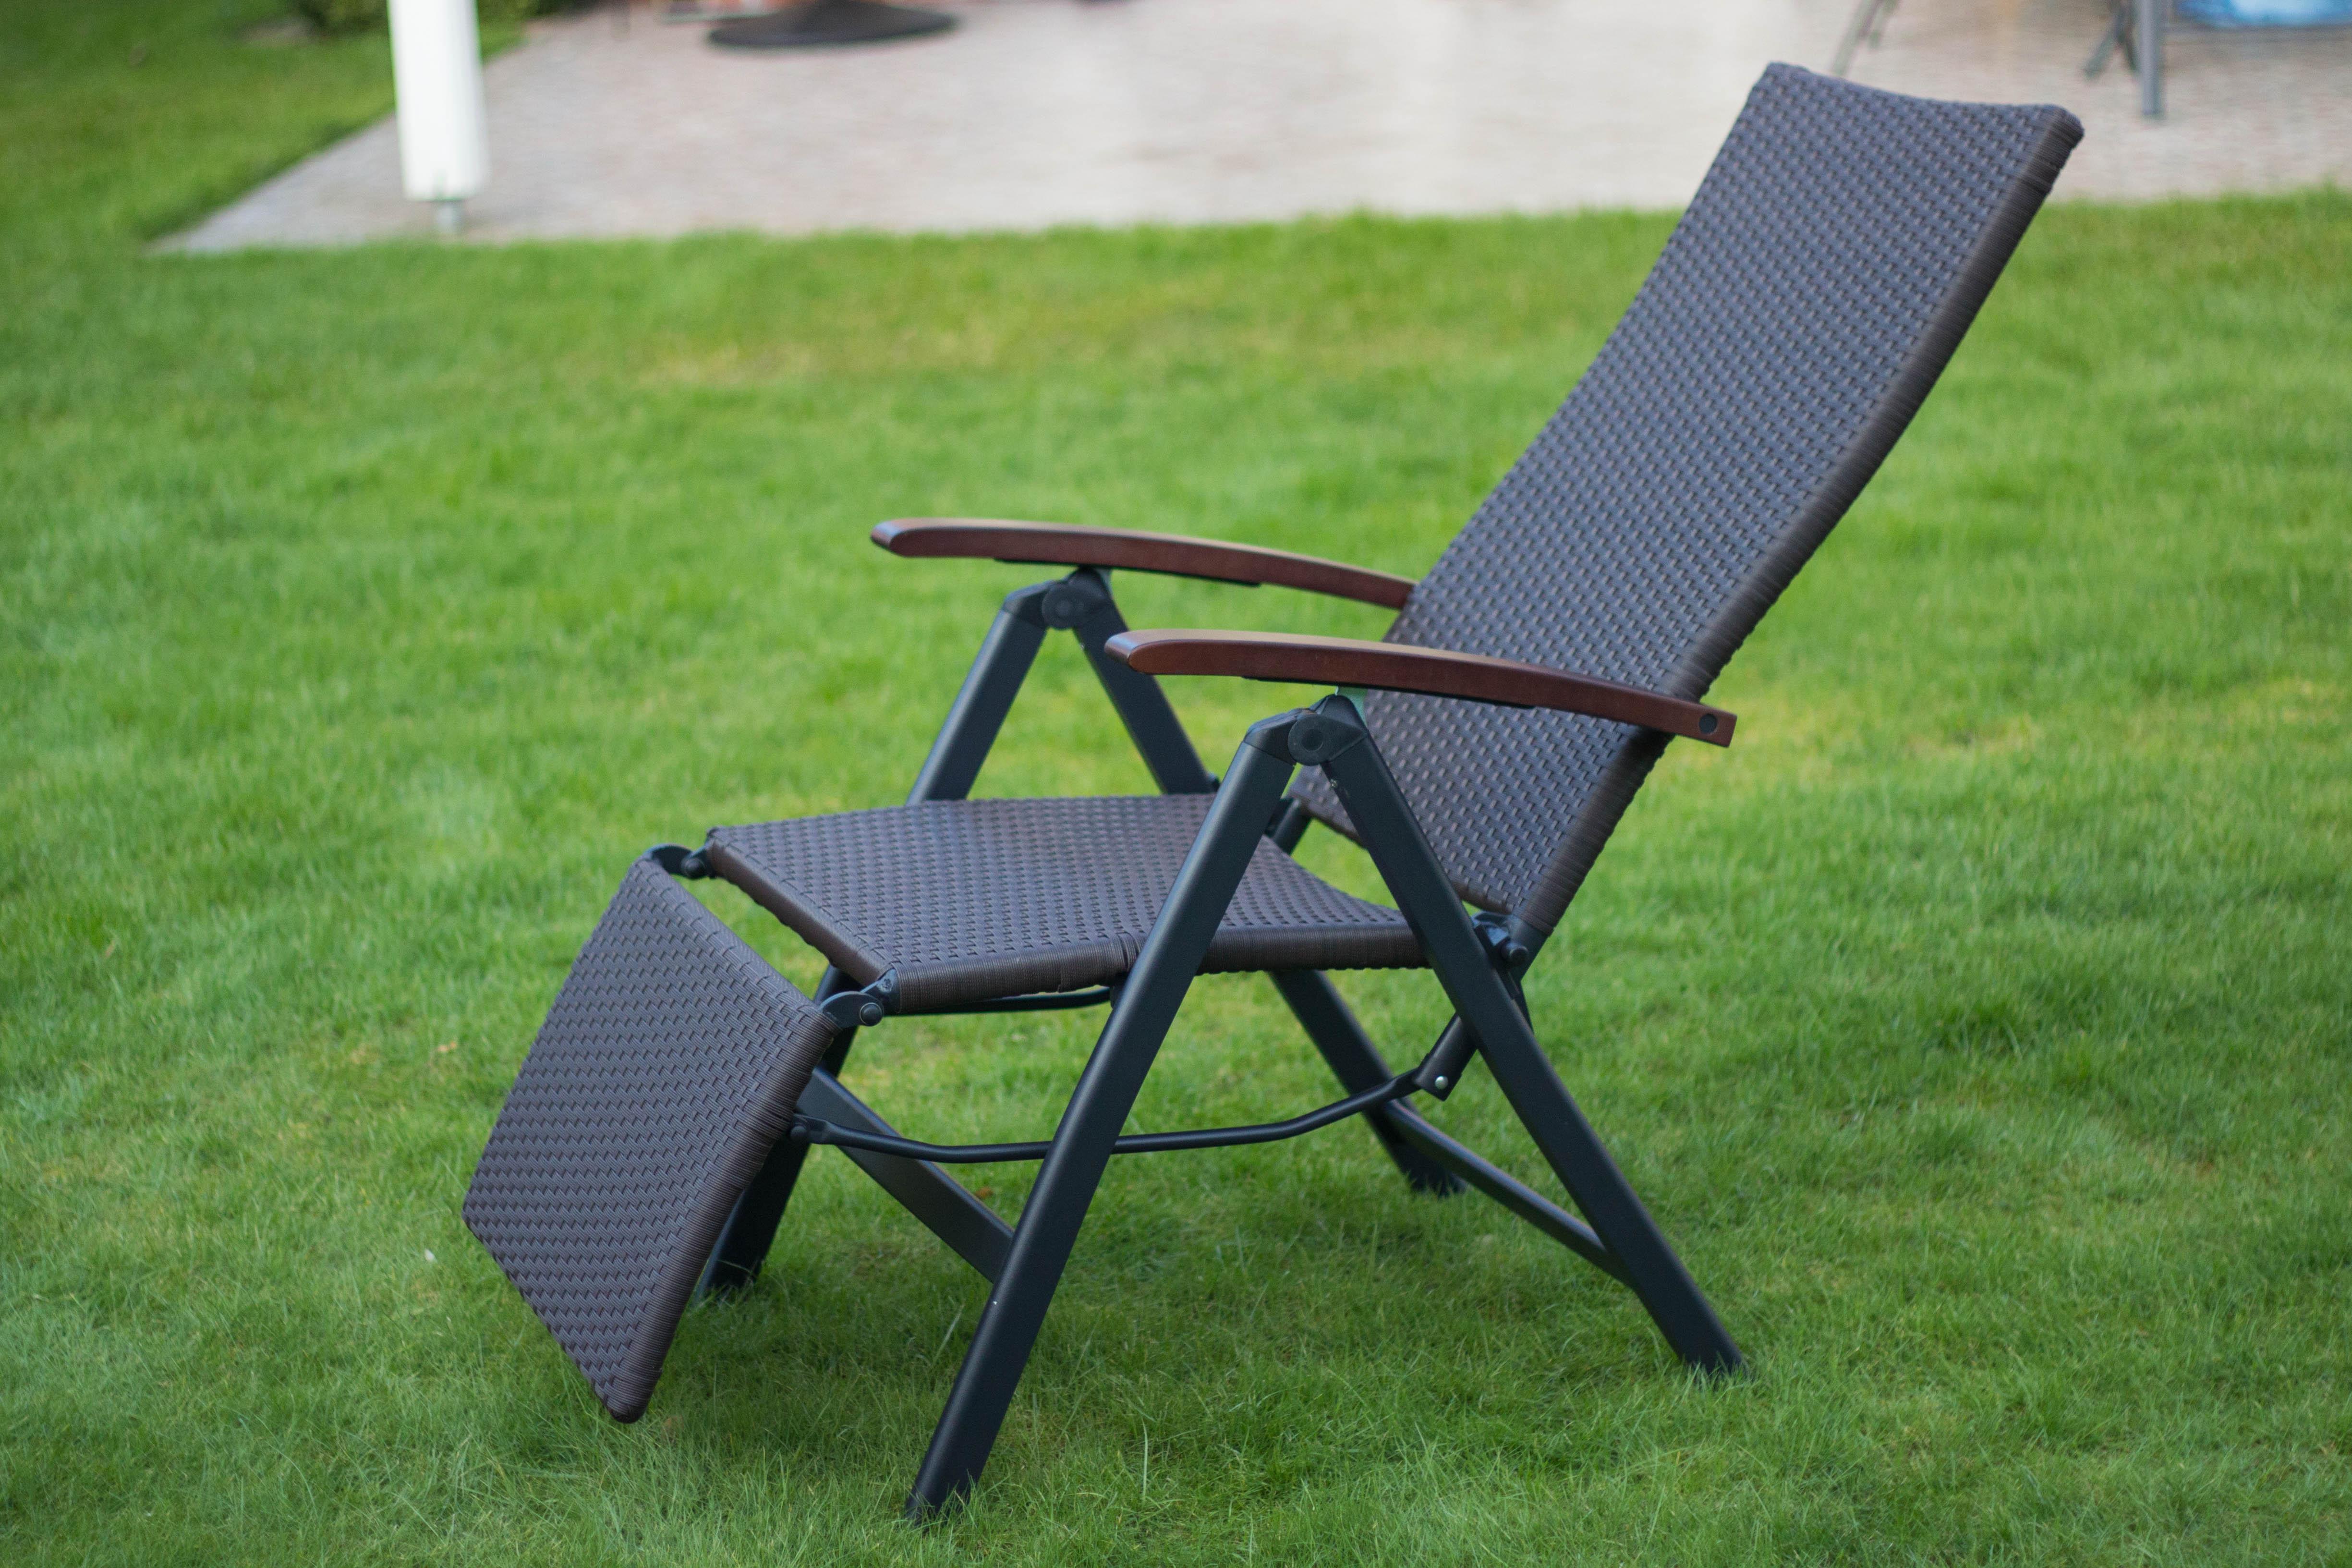 vanage gartenstuhl mit fu ablage in braun klappstuhl gs gepr ft verstellbar. Black Bedroom Furniture Sets. Home Design Ideas